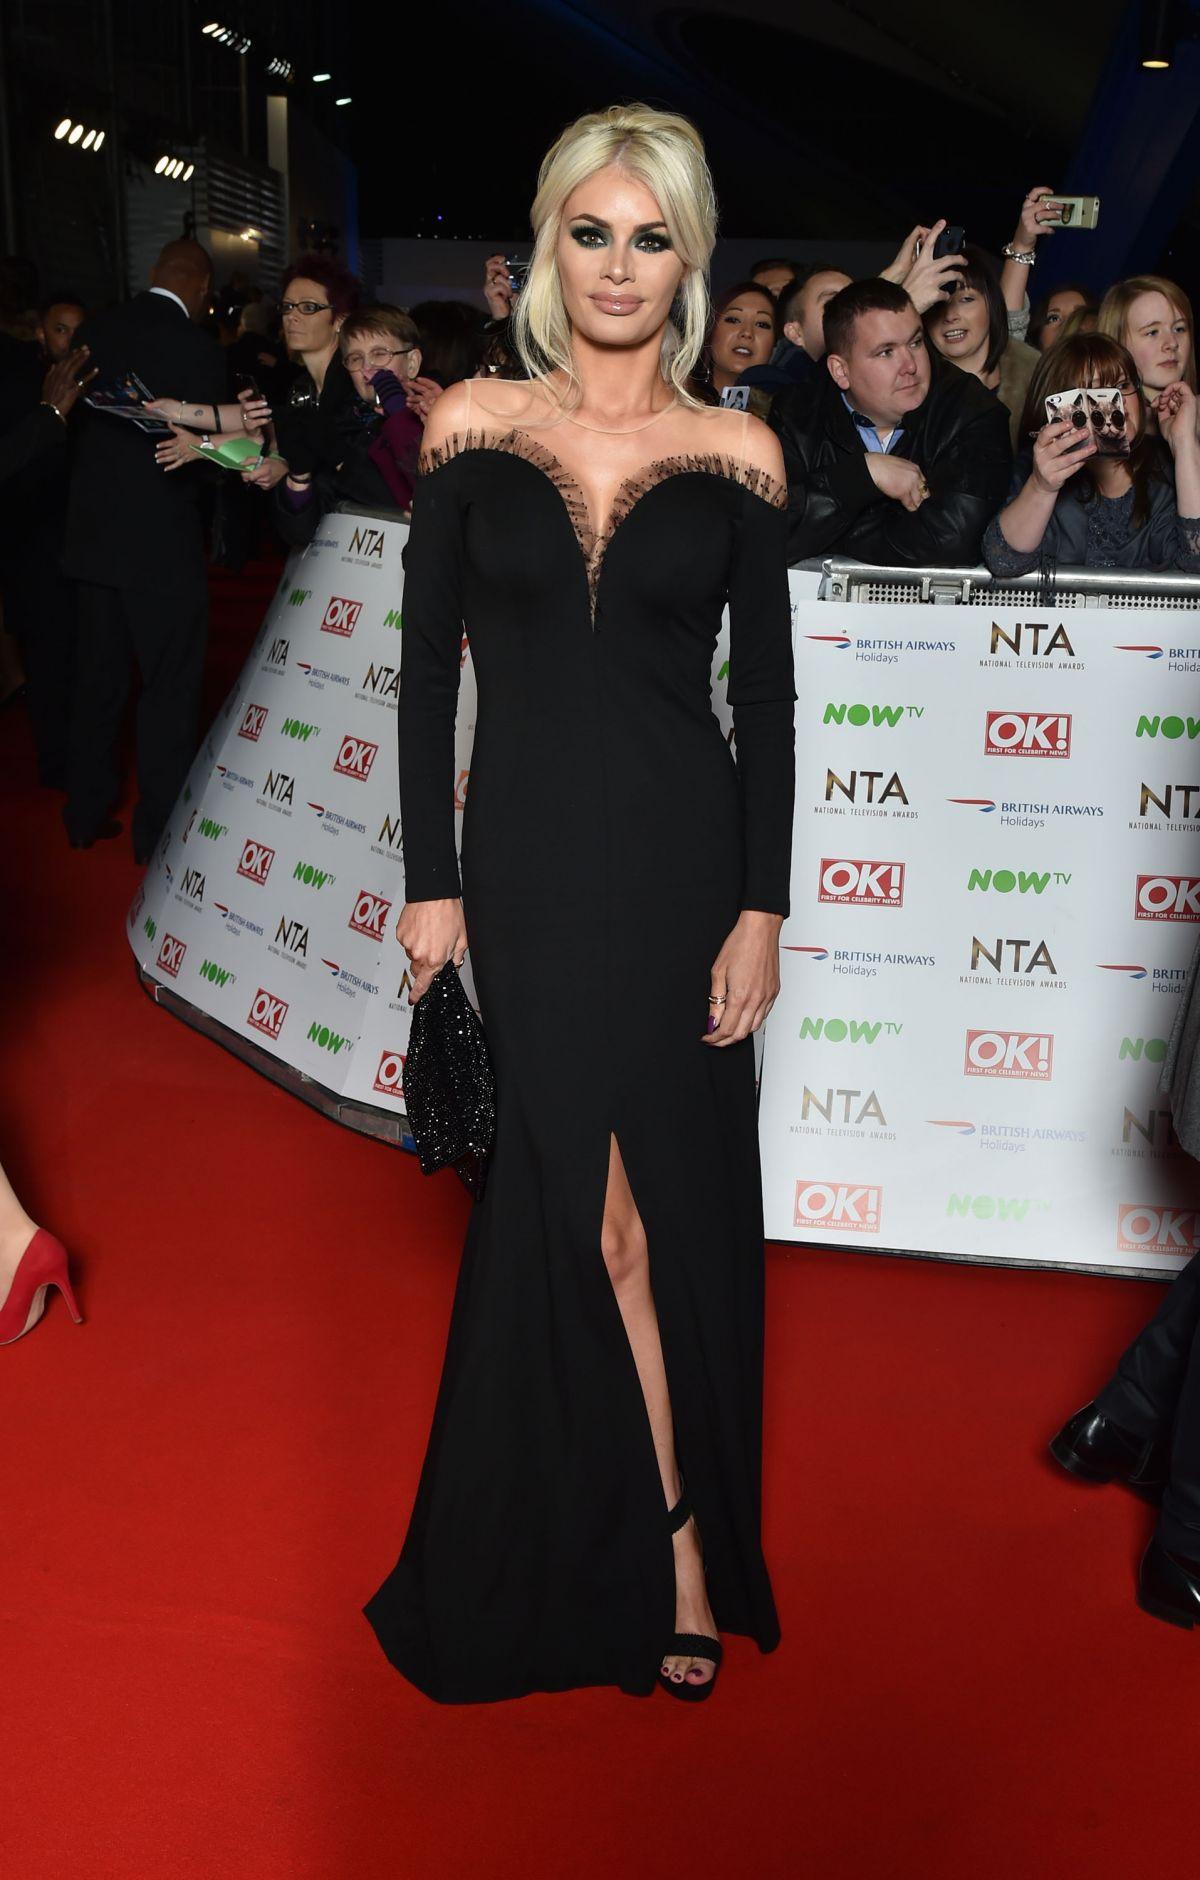 CHLOE SIMS at 2016 National Television Awards in London 01/20/2016